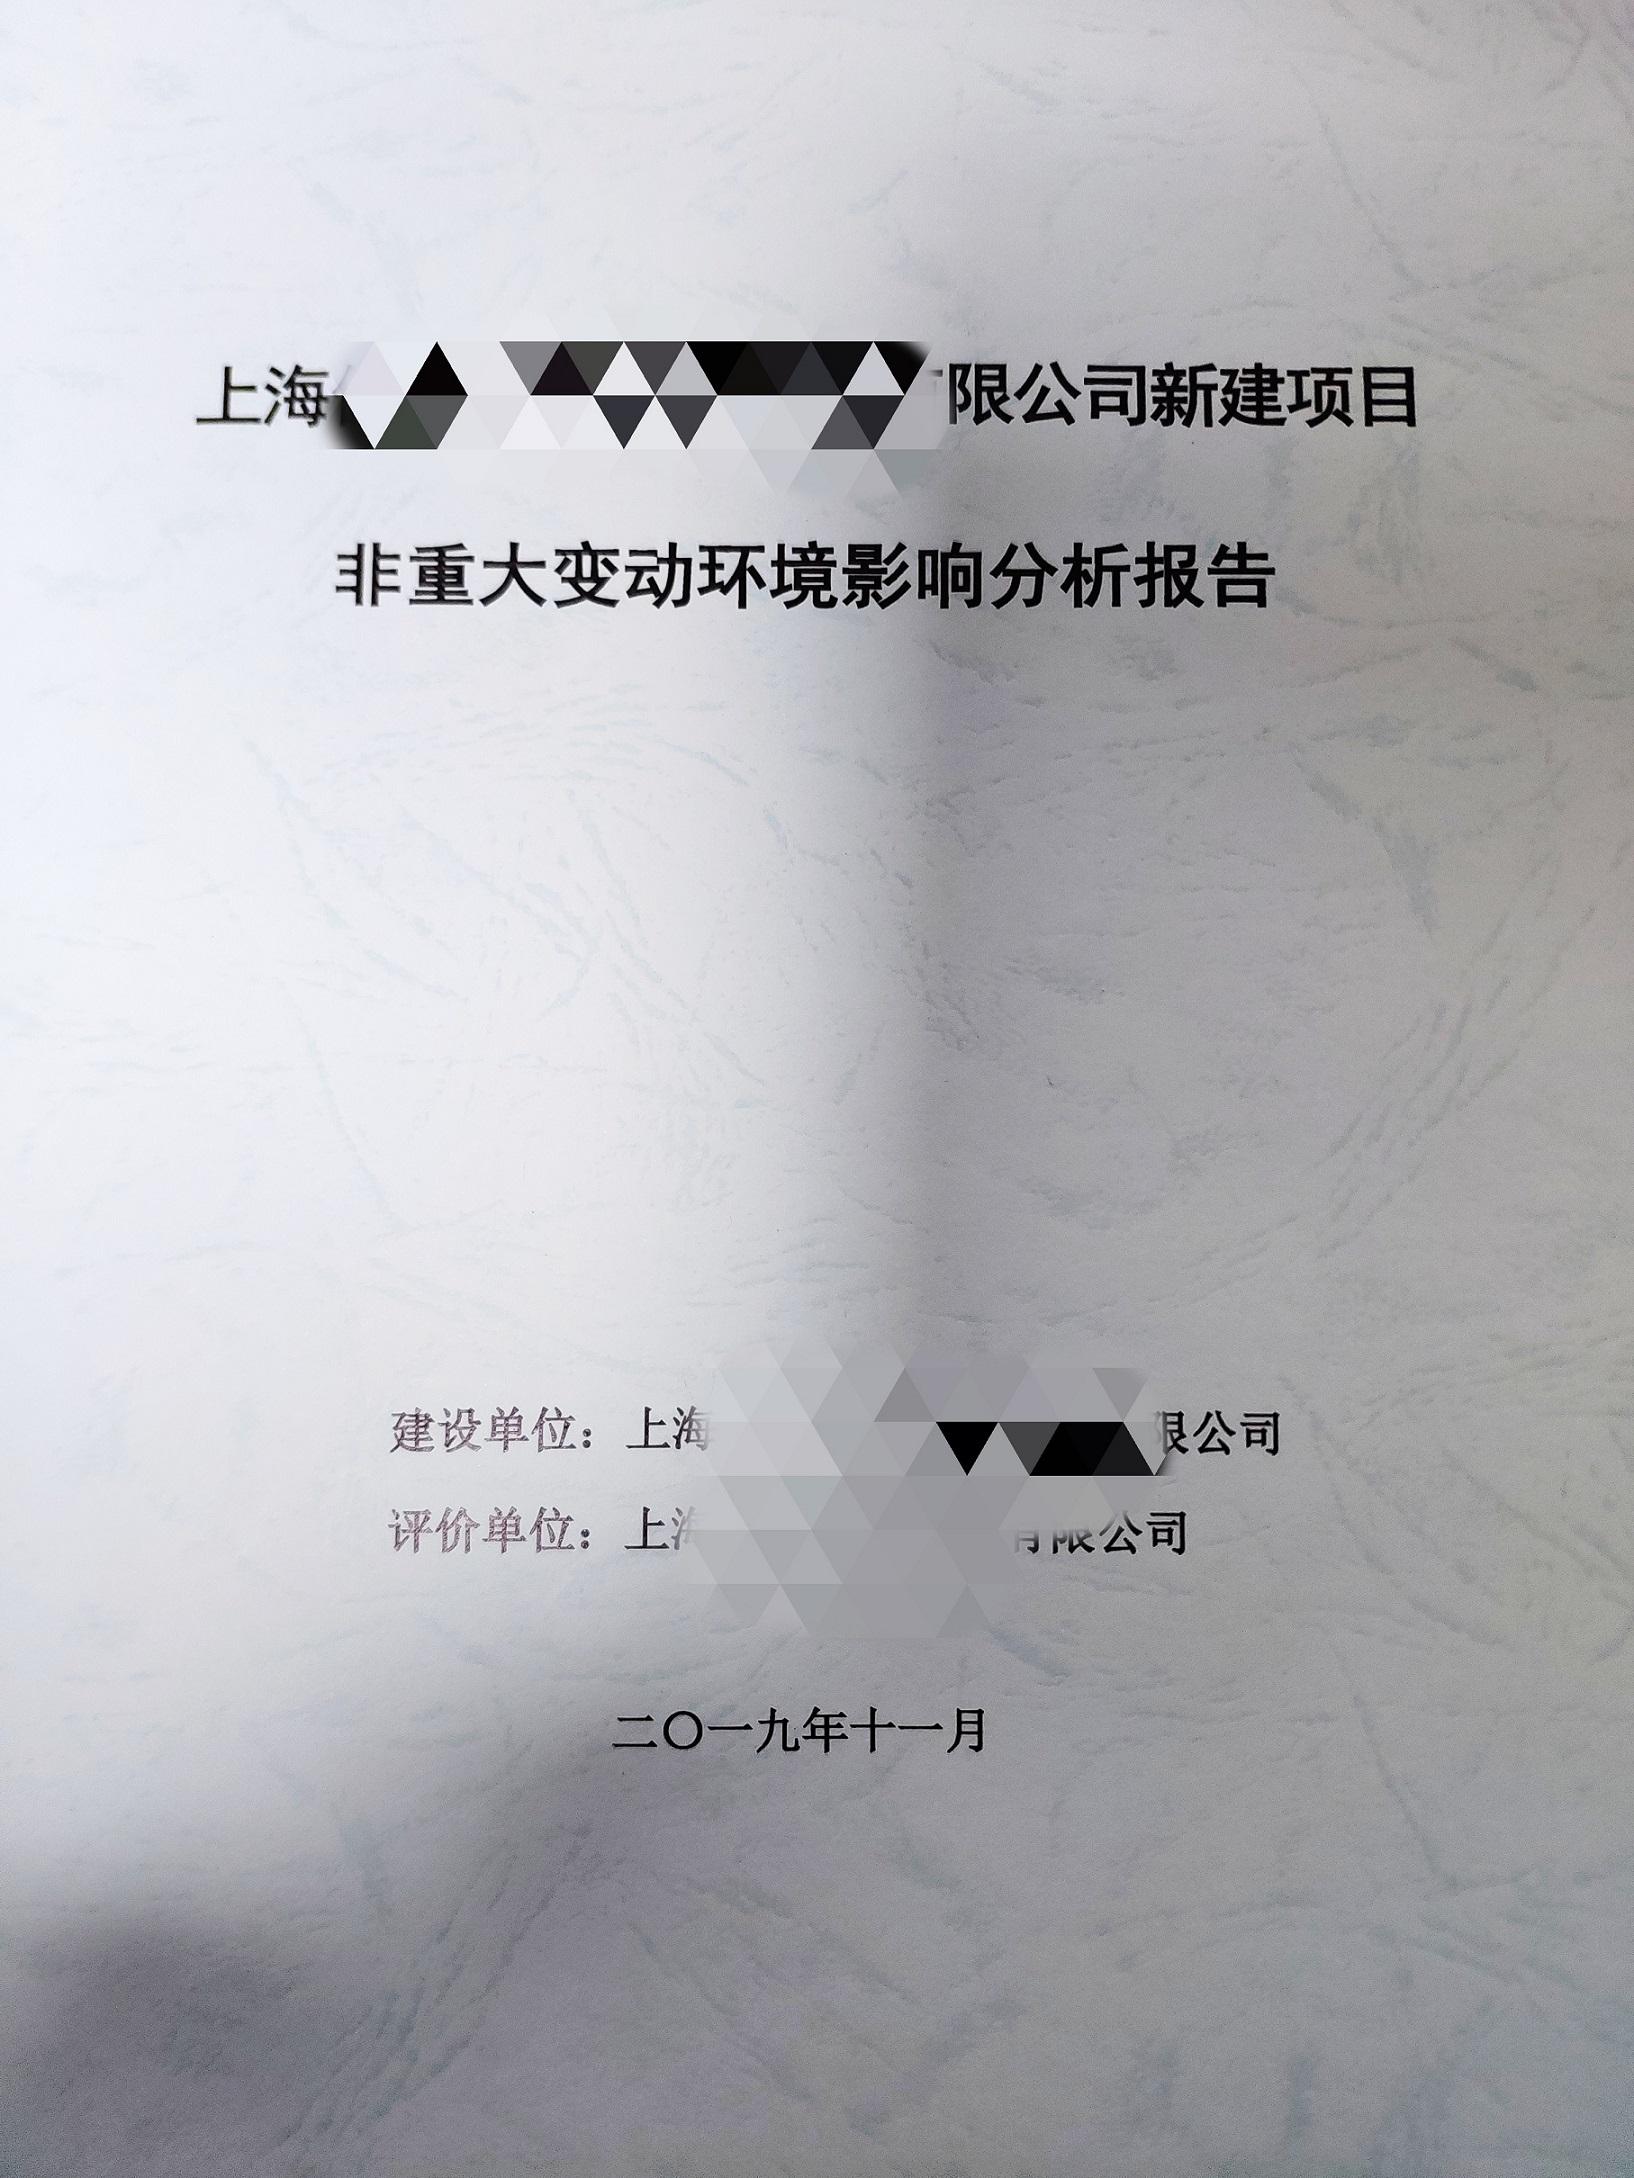 生產型企業環評報告書「上海灝霆環保科技供應」